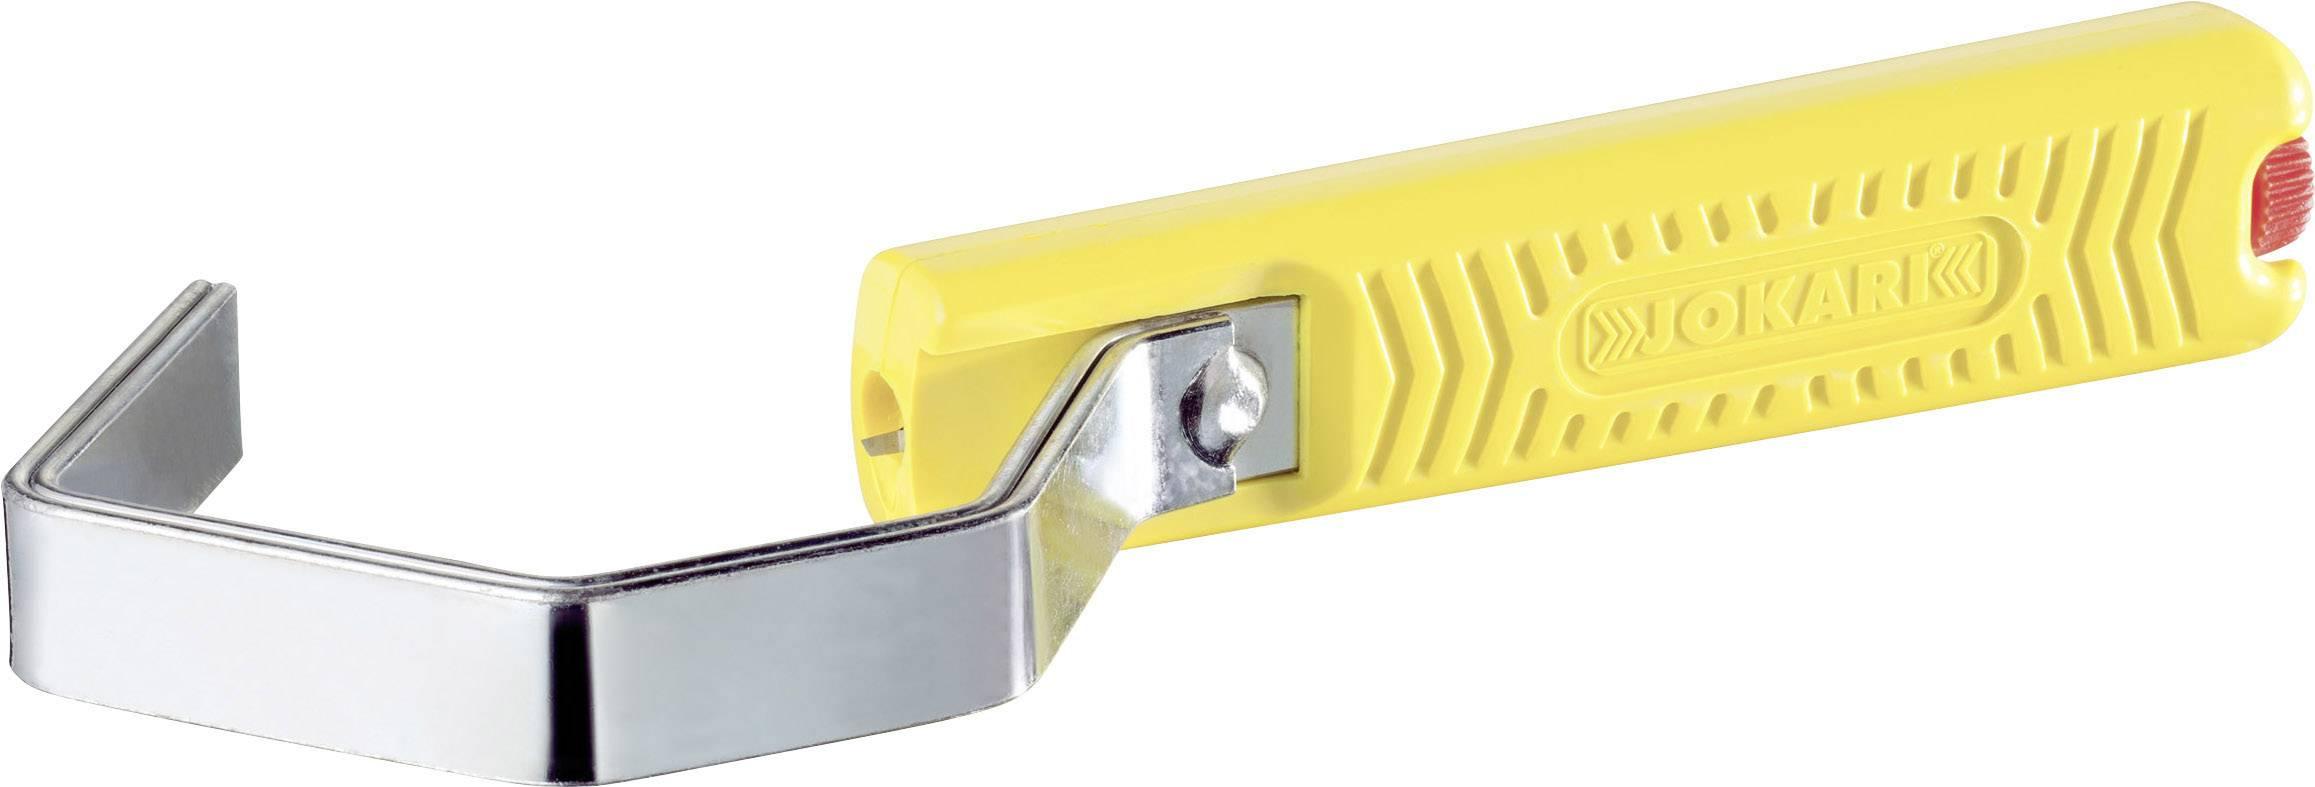 Odizolvací nôž Jokari No. 70 10700, 50 do 70 mm